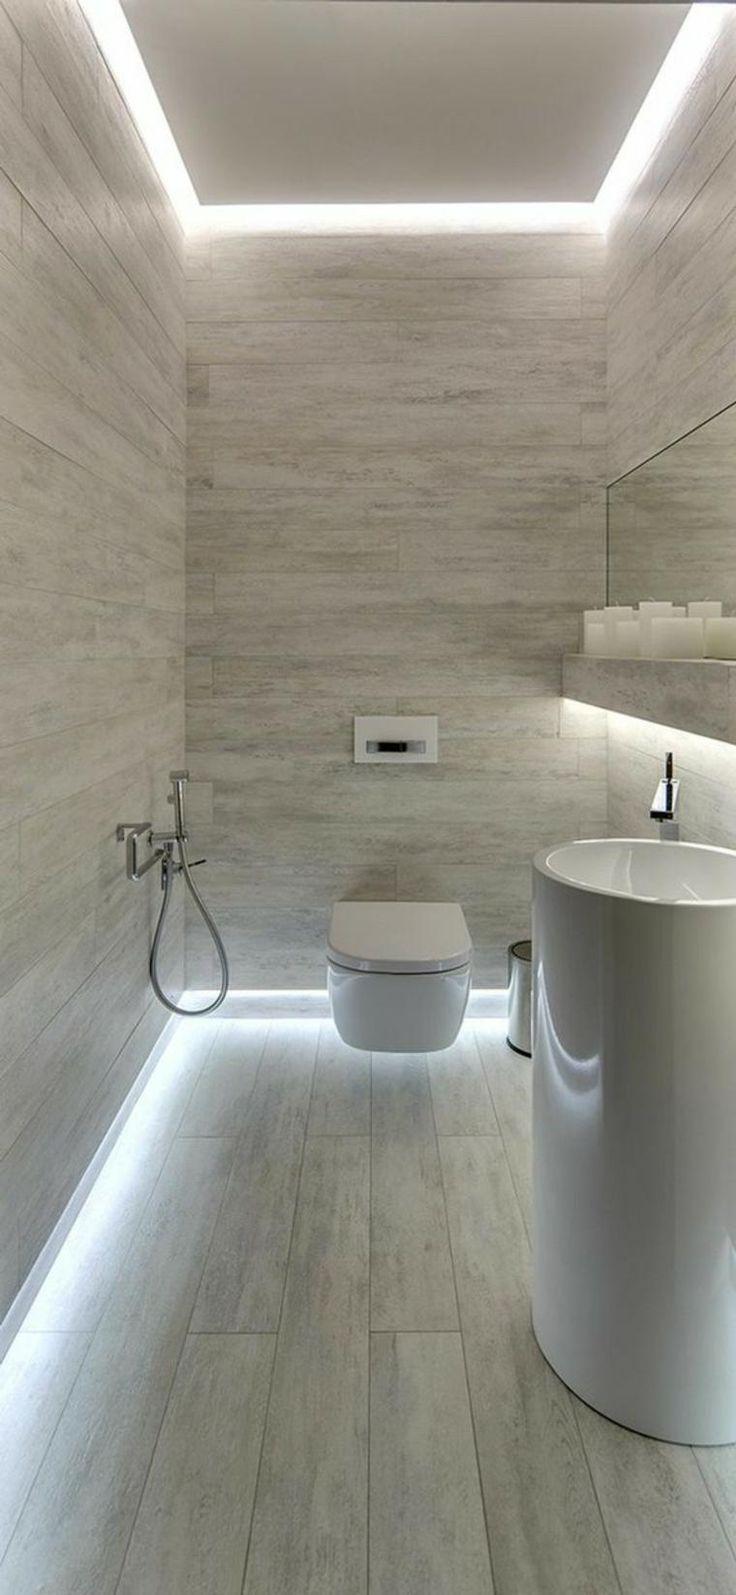 Indirekte LED-Innenbeleuchtung – 42 Ideen #wohnzimmer #deko #leddeckenbeleuchtun…  # Home Ideen